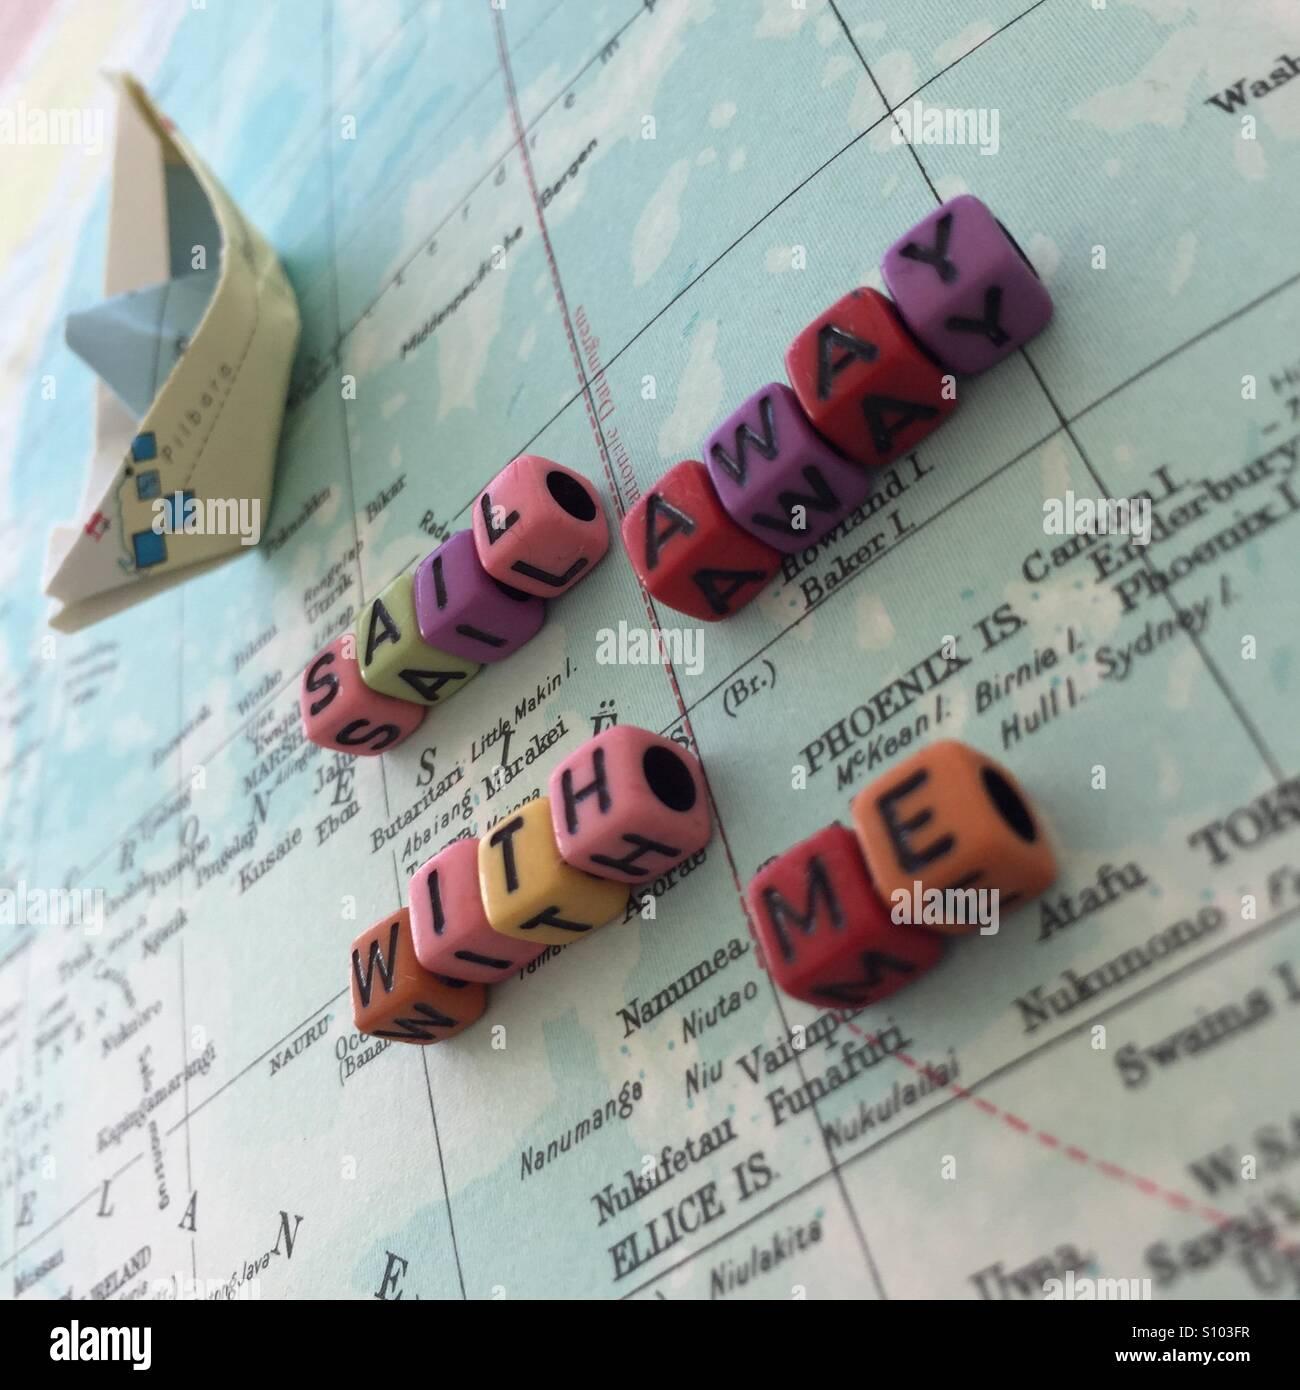 Sail away - Stock Image